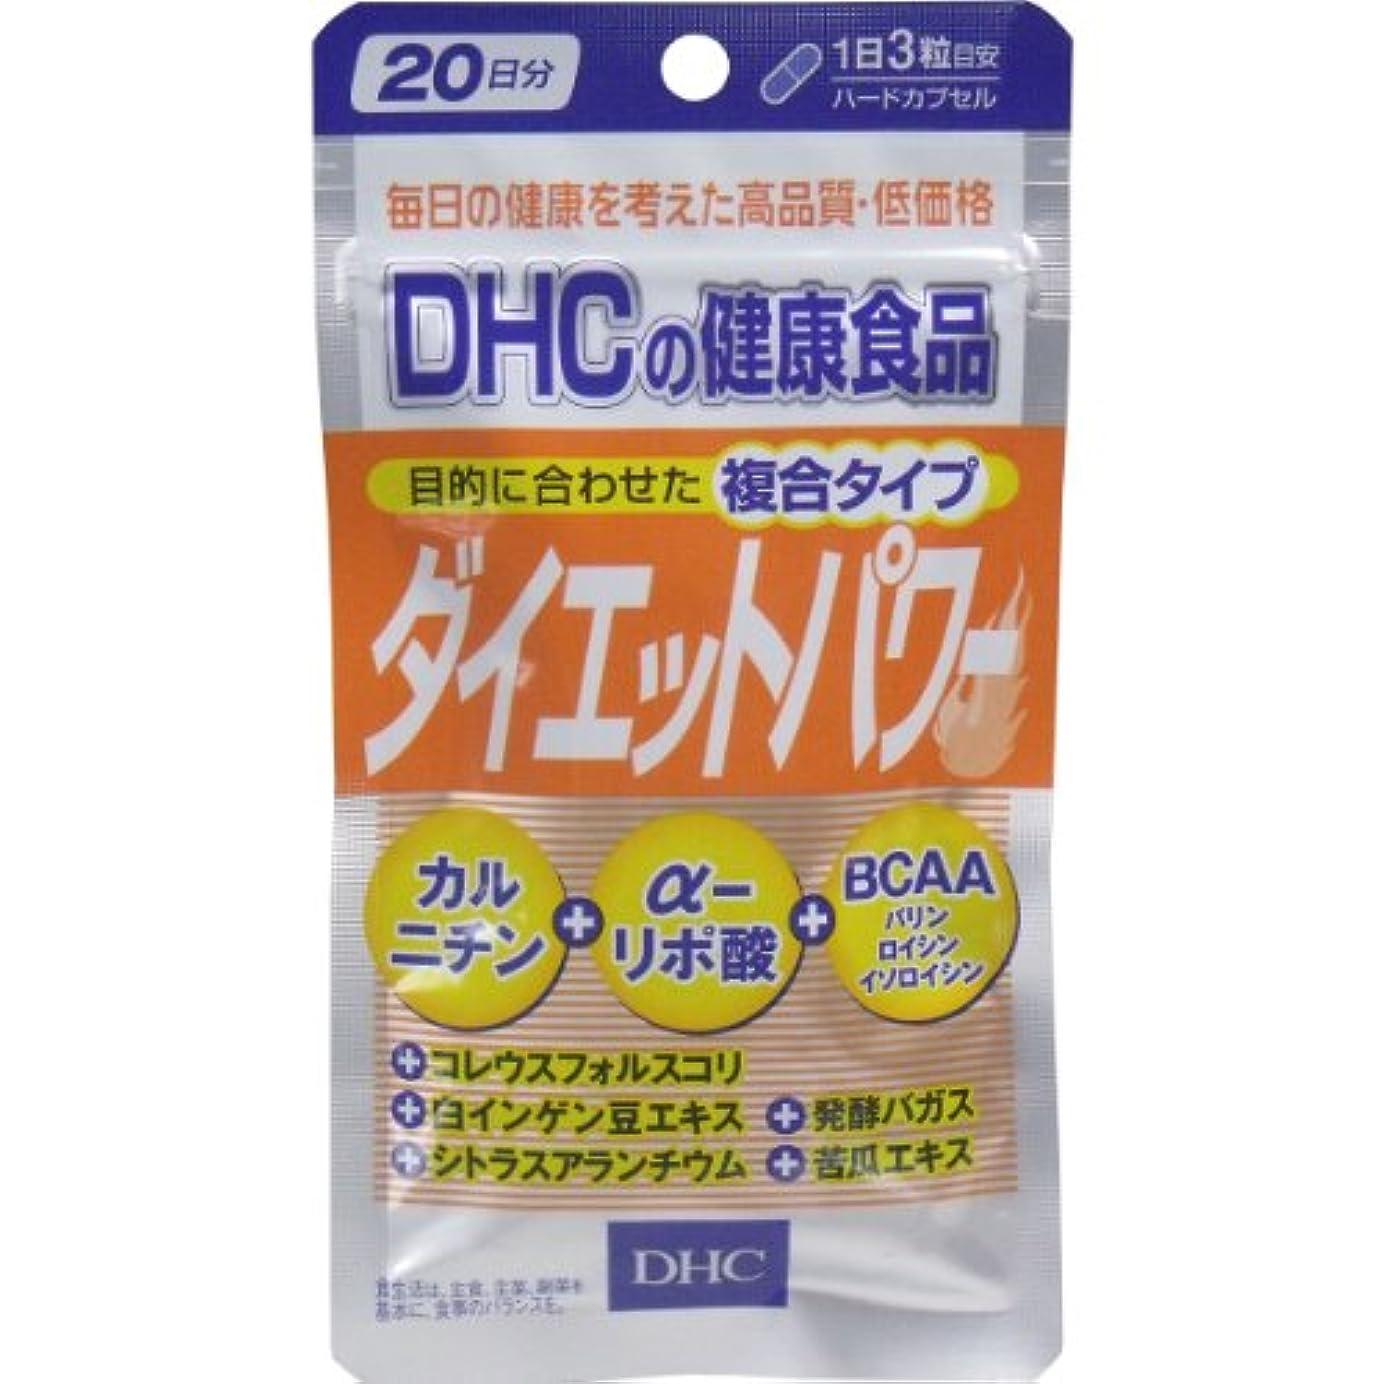 時々時々不利益積極的にDHC ダイエットパワー 60粒入 20日分